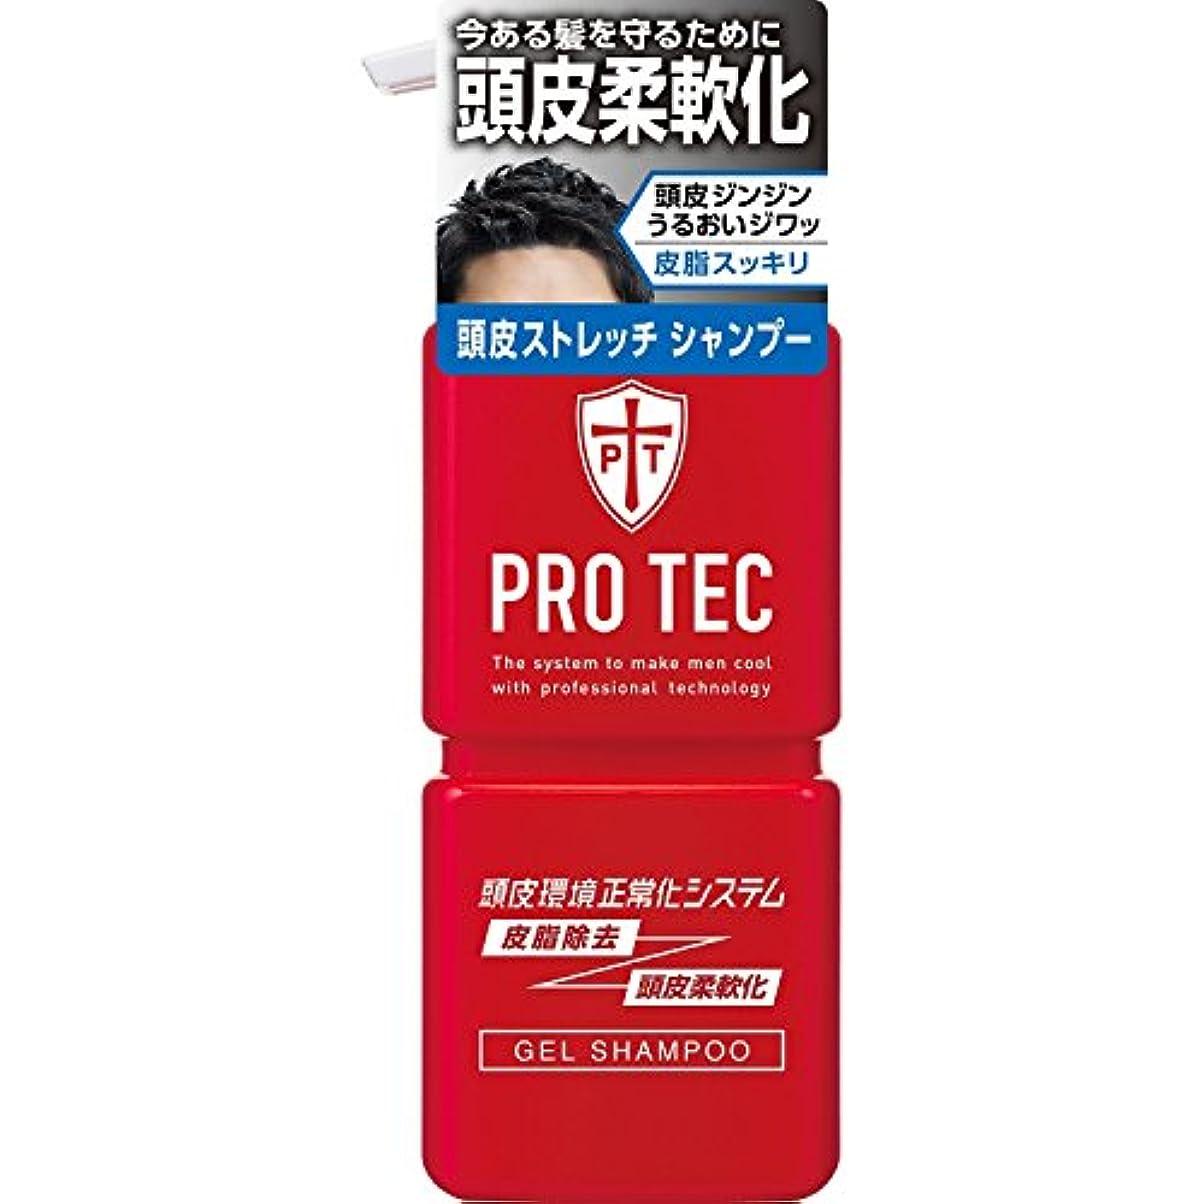 新年においジュラシックパークPRO TEC(プロテク) 頭皮ストレッチ シャンプー 本体ポンプ 300g(医薬部外品)